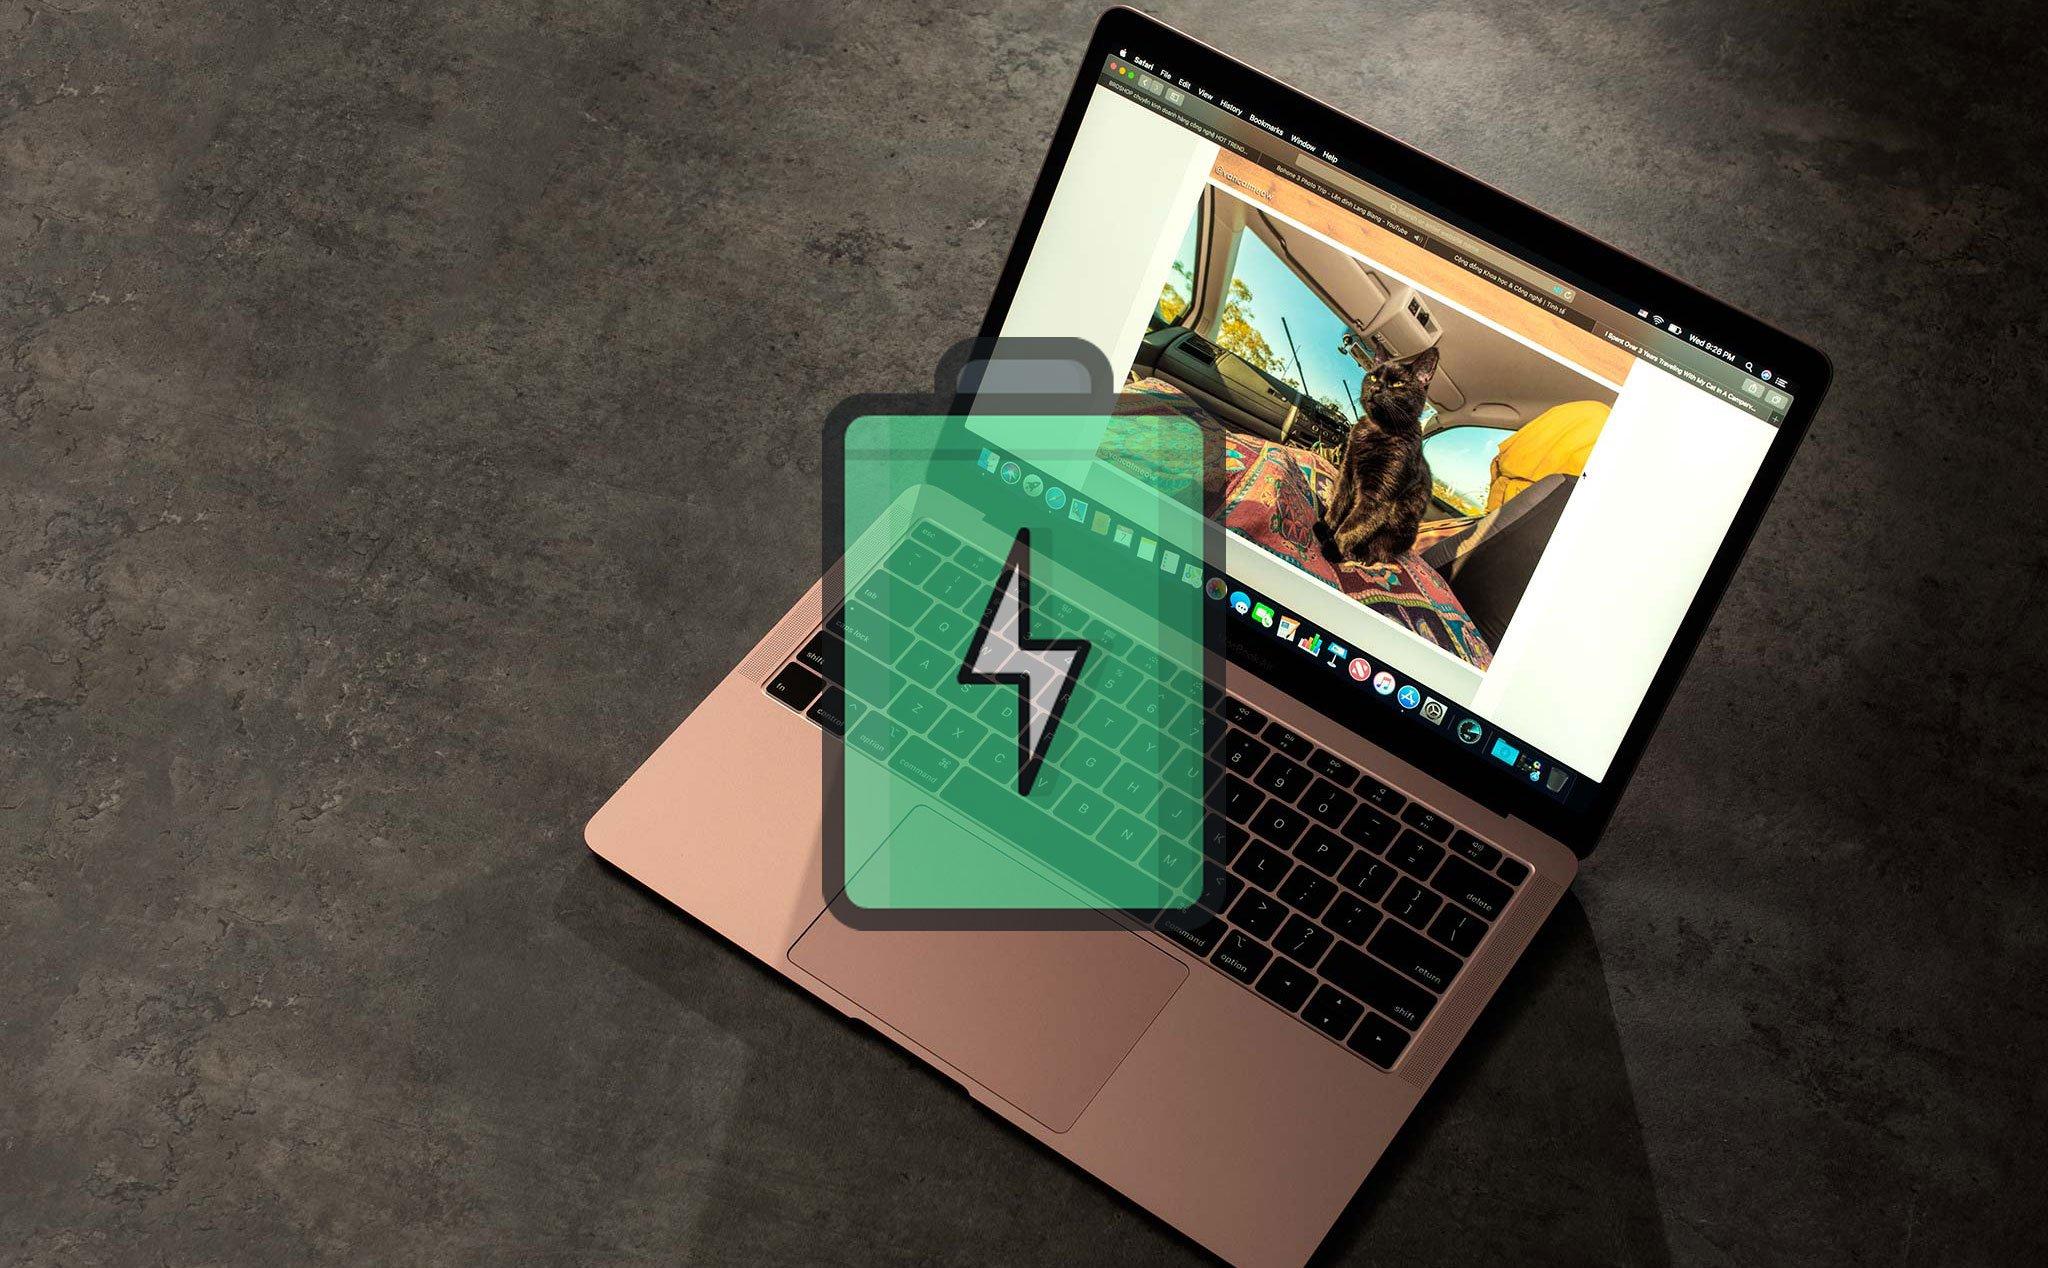 Dùng thử pin Macbook Air 2018: làm việc văn phòng 6 tiếng, Photoshop hơn 5  tiếng | Tinh tế